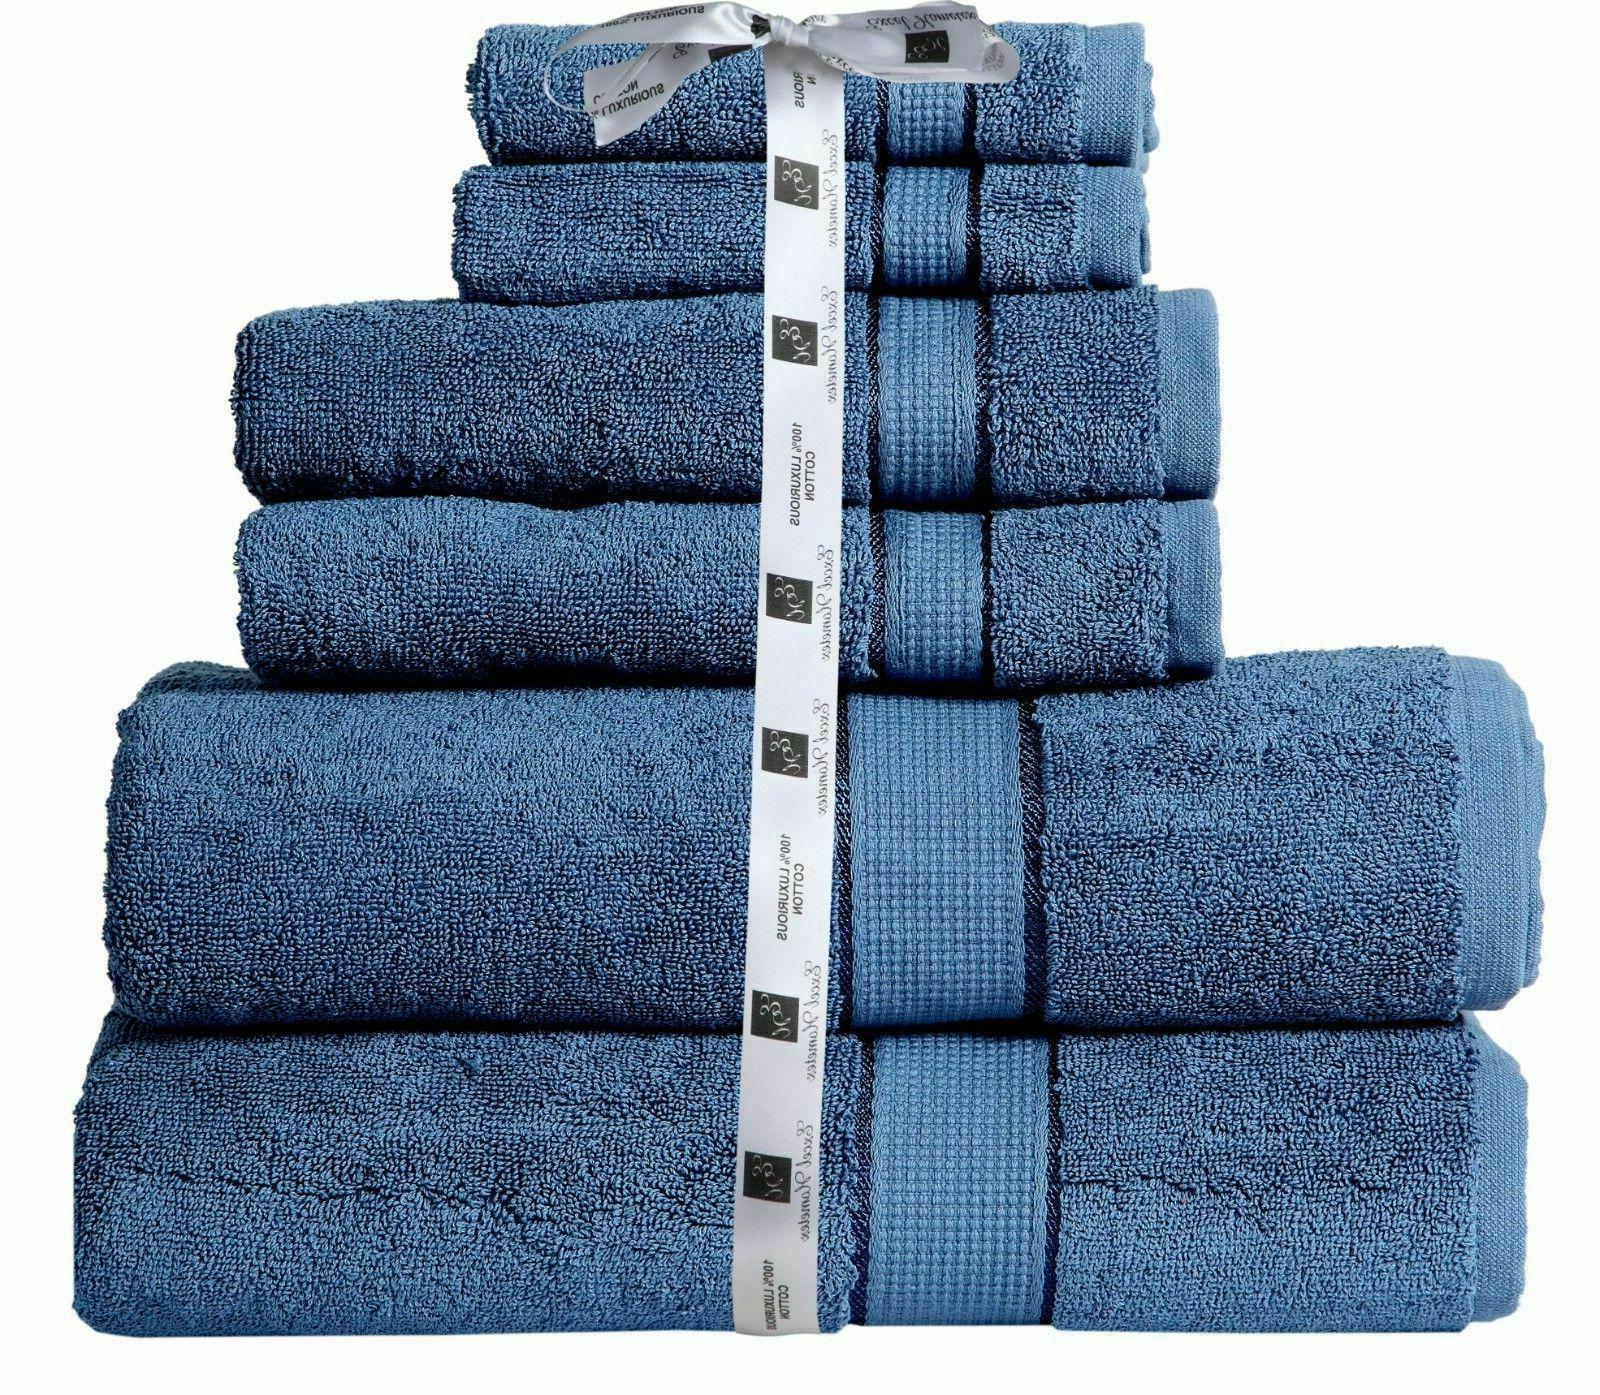 Towel 6 Piece Set Cotton 600 2 Bath Hand Towel